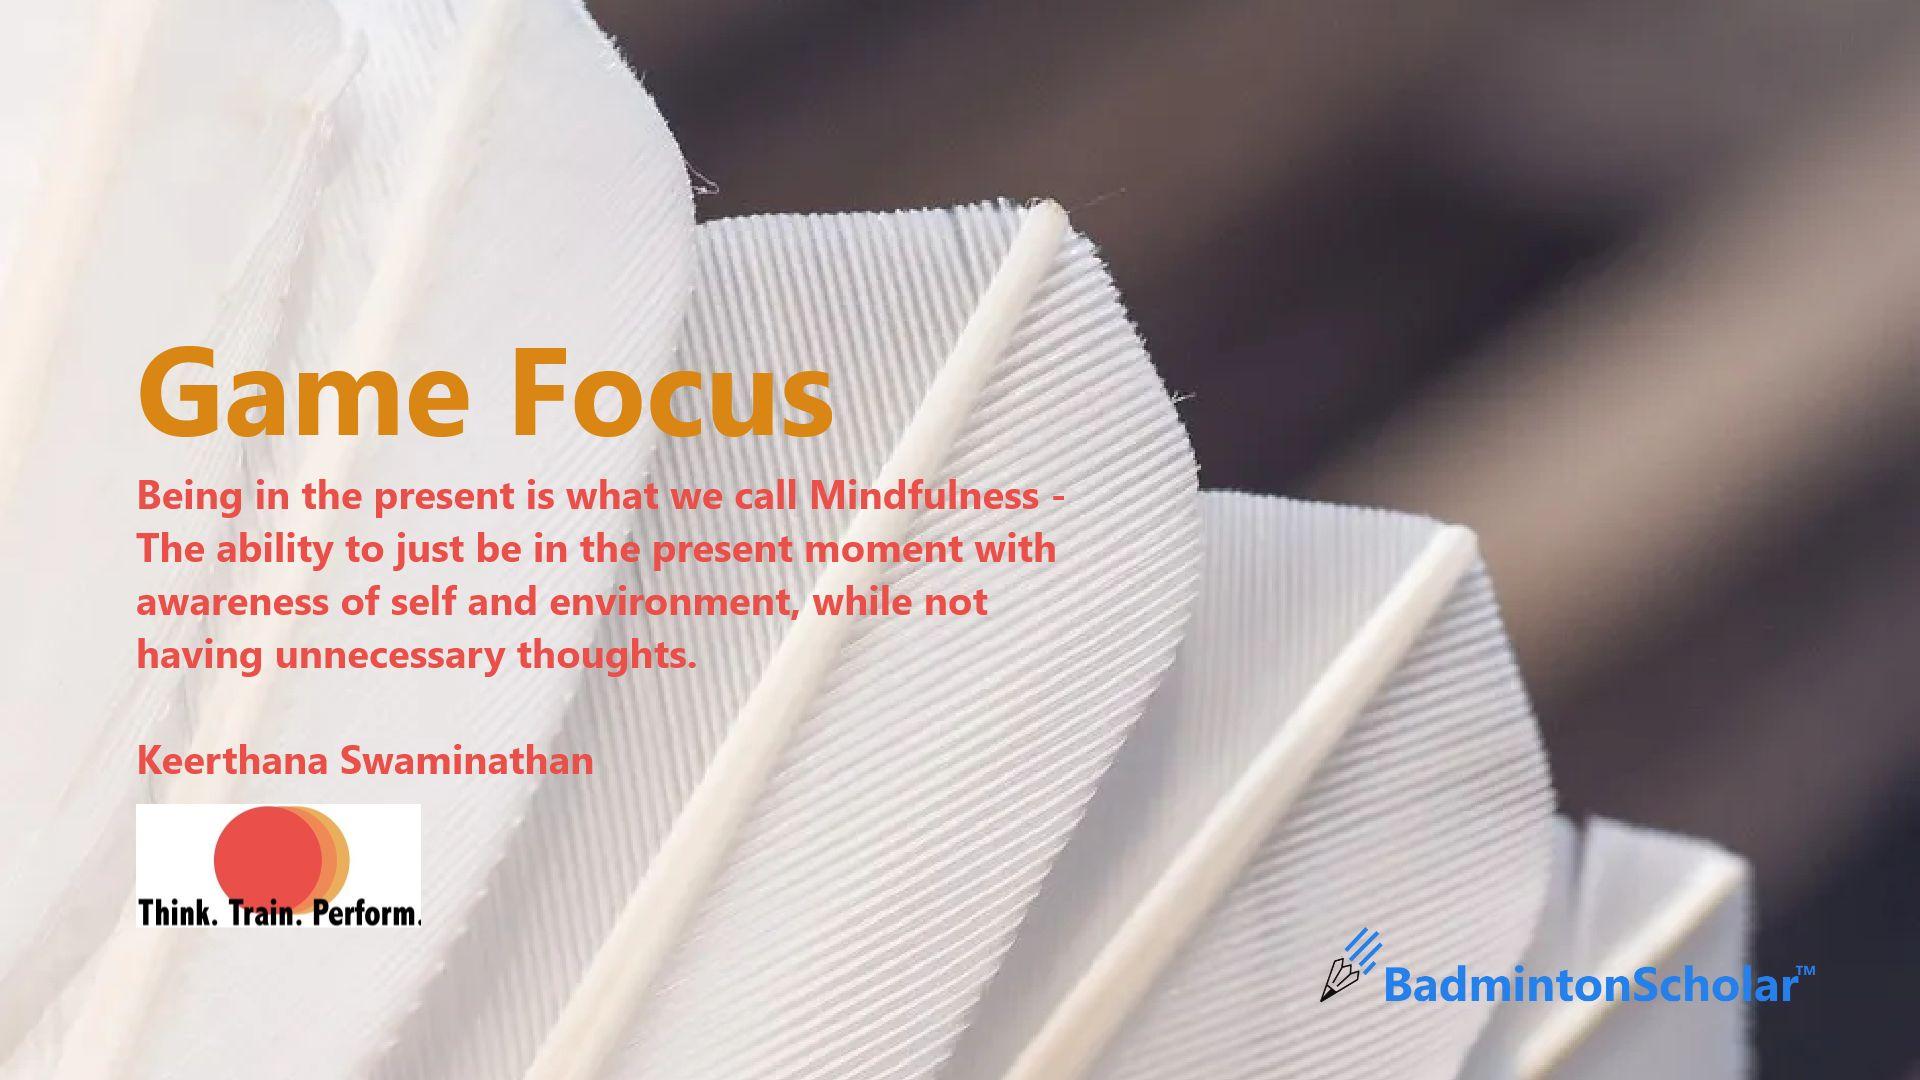 Game Focus